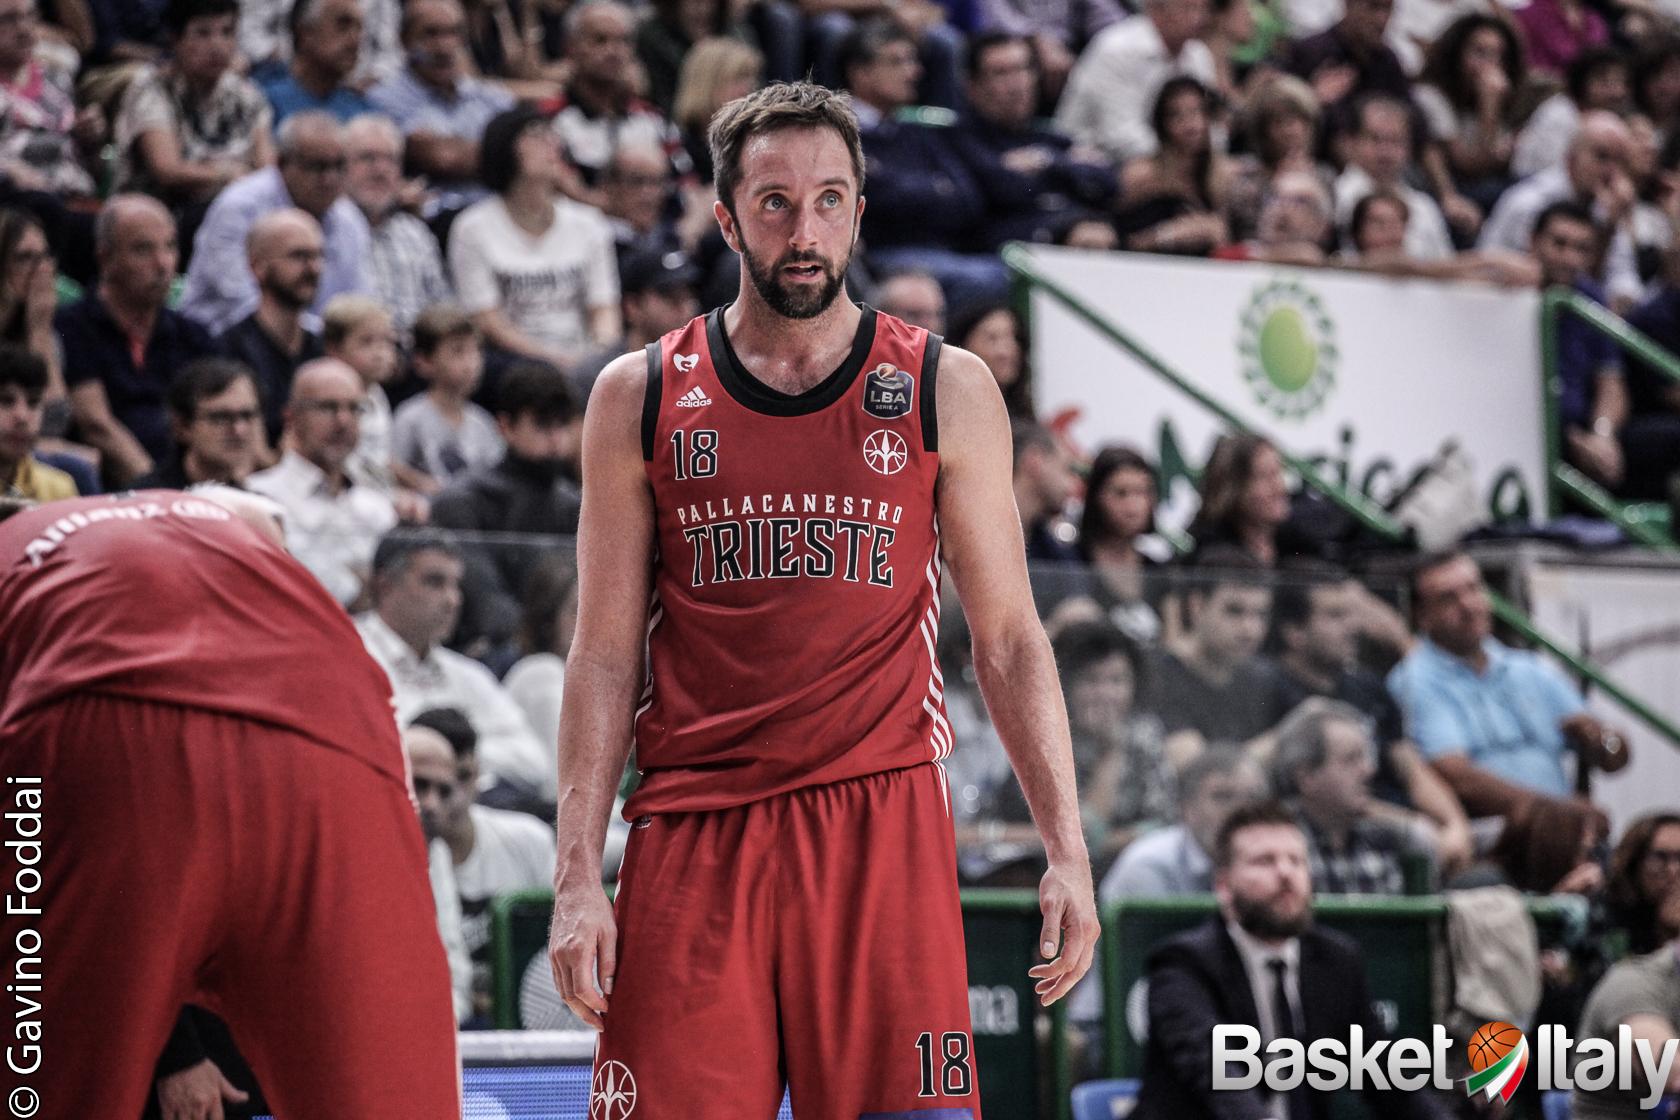 """Pallacanestro Trieste. Daniele Cavaliero: """"Io e la squadra abbiamo dei sogni importanti"""""""